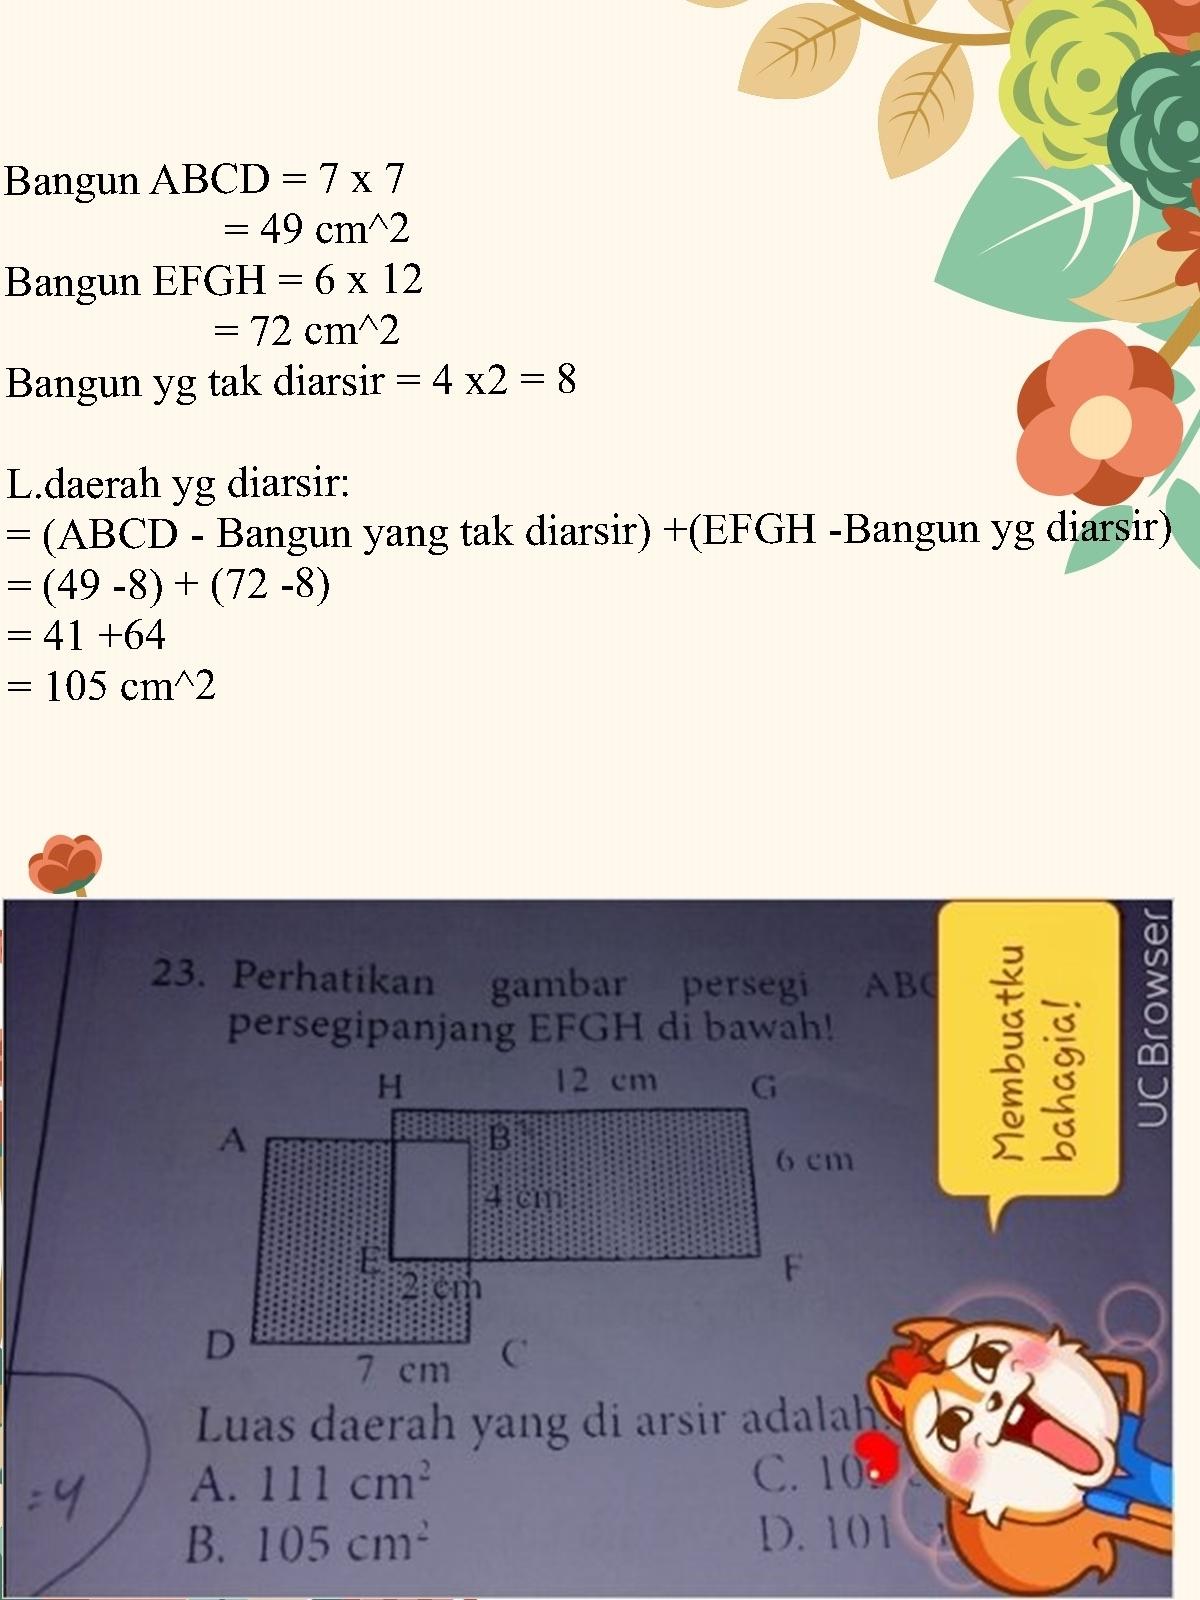 Perhatikan gambar persegi ABCD dan persegipanjang EFGH di ...